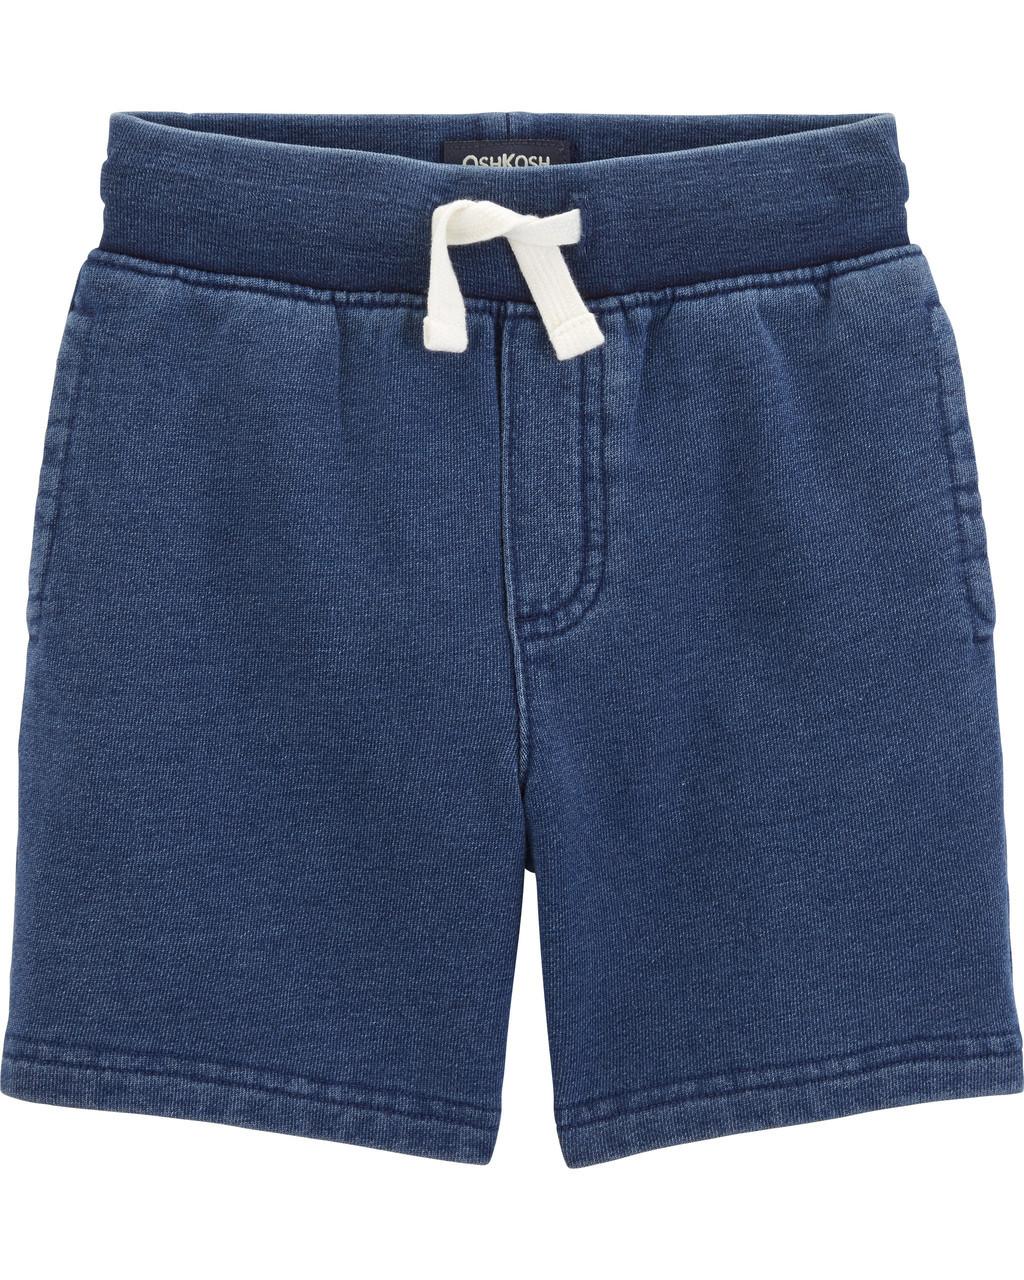 Детские летние шорты на футере ОшКош для мальчика